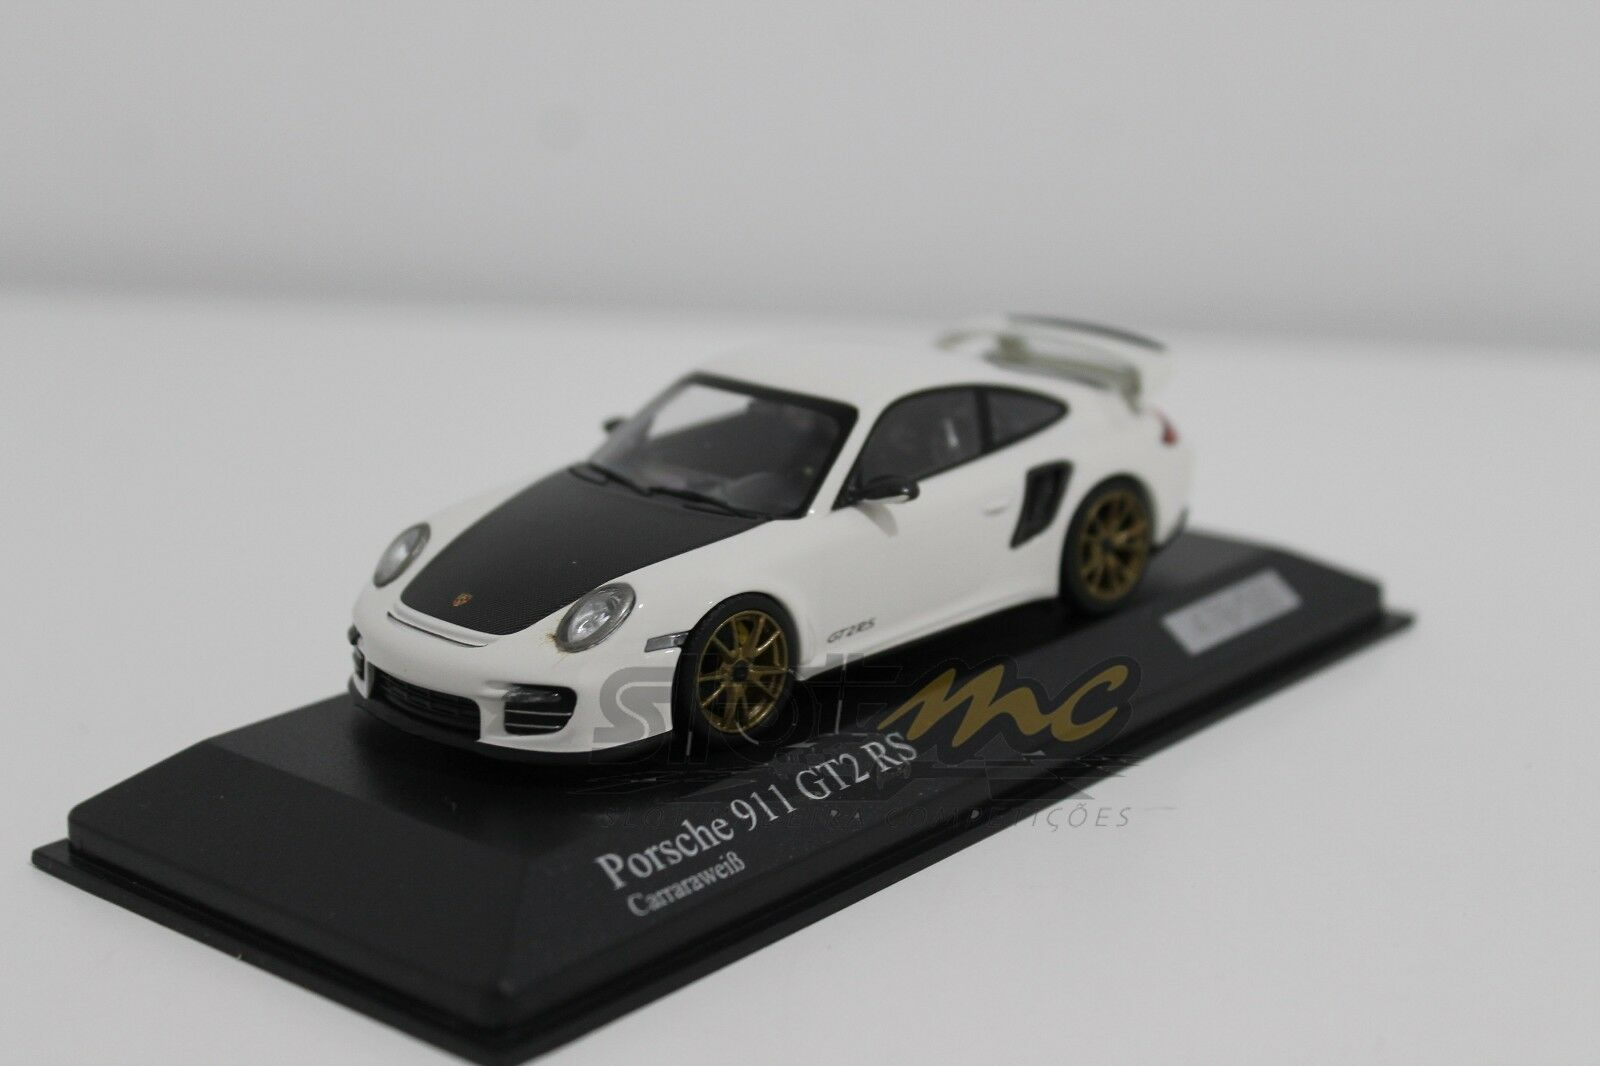 diseños exclusivos Minichamps 400069406 Porsche 911 (997 (997 (997 II) GT2 RS 2010 blancoo 1 43  NEW  500 und.  Envio gratis en todas las ordenes